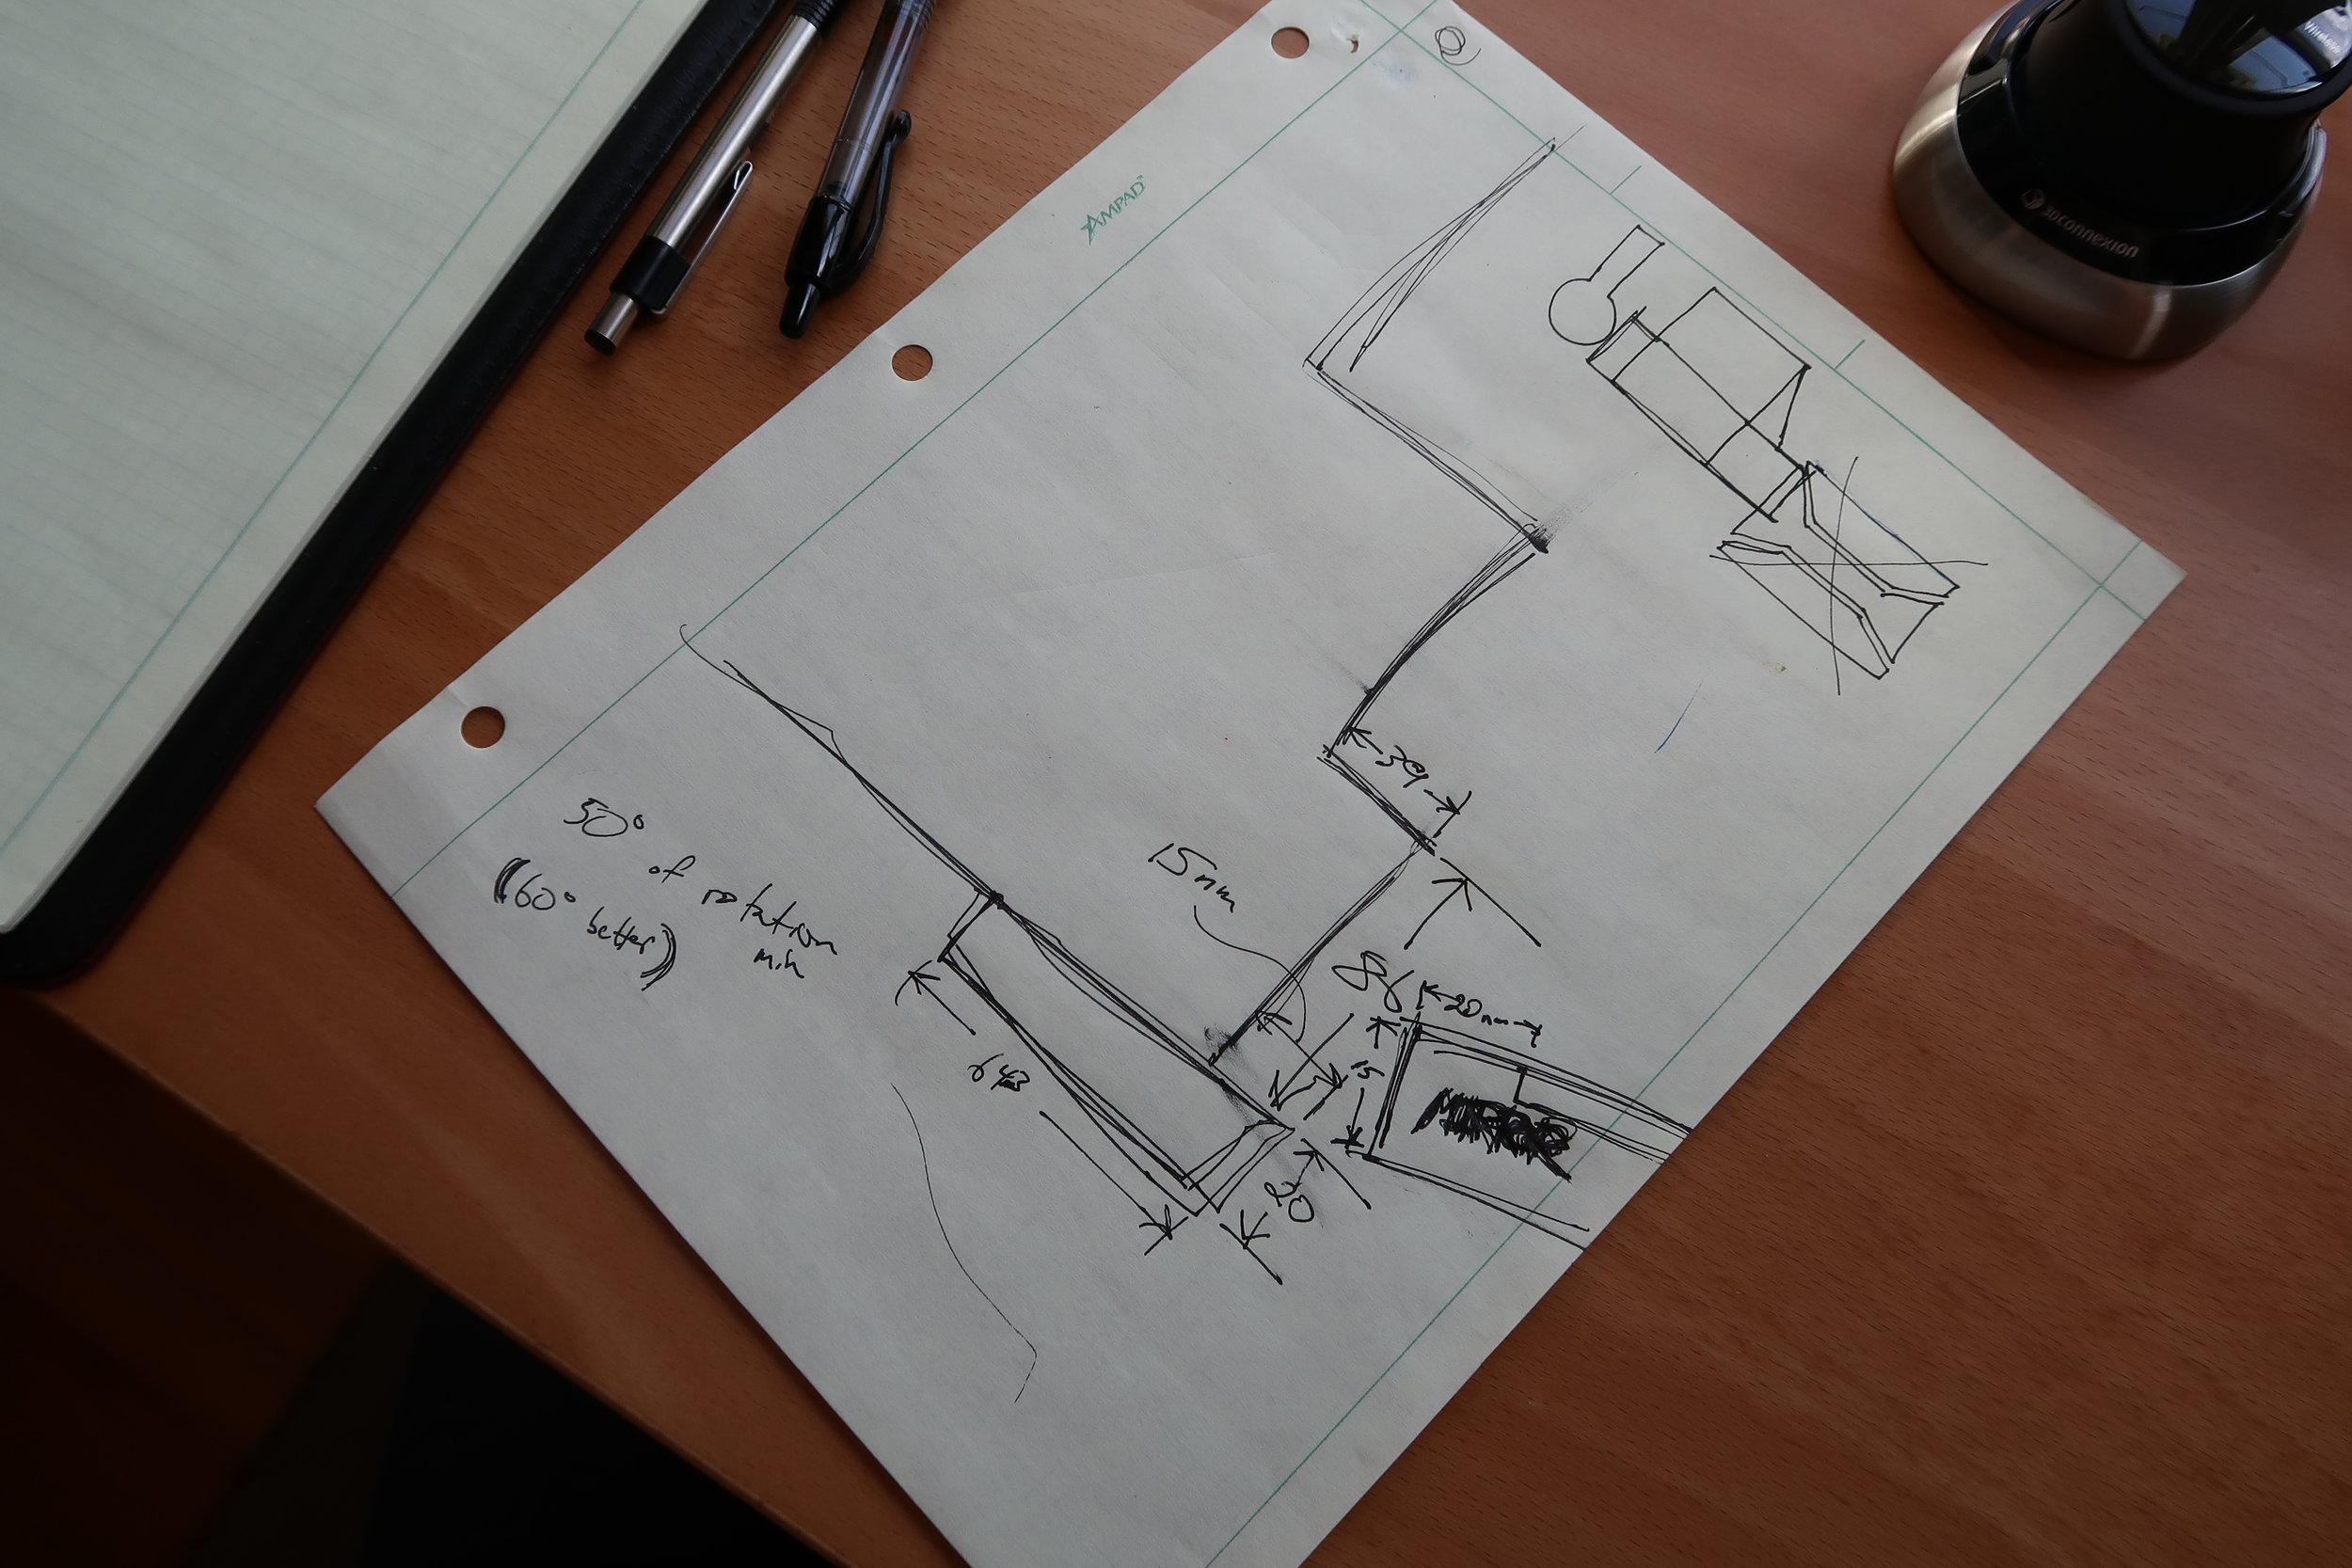 IMG_0874_sketch.JPG